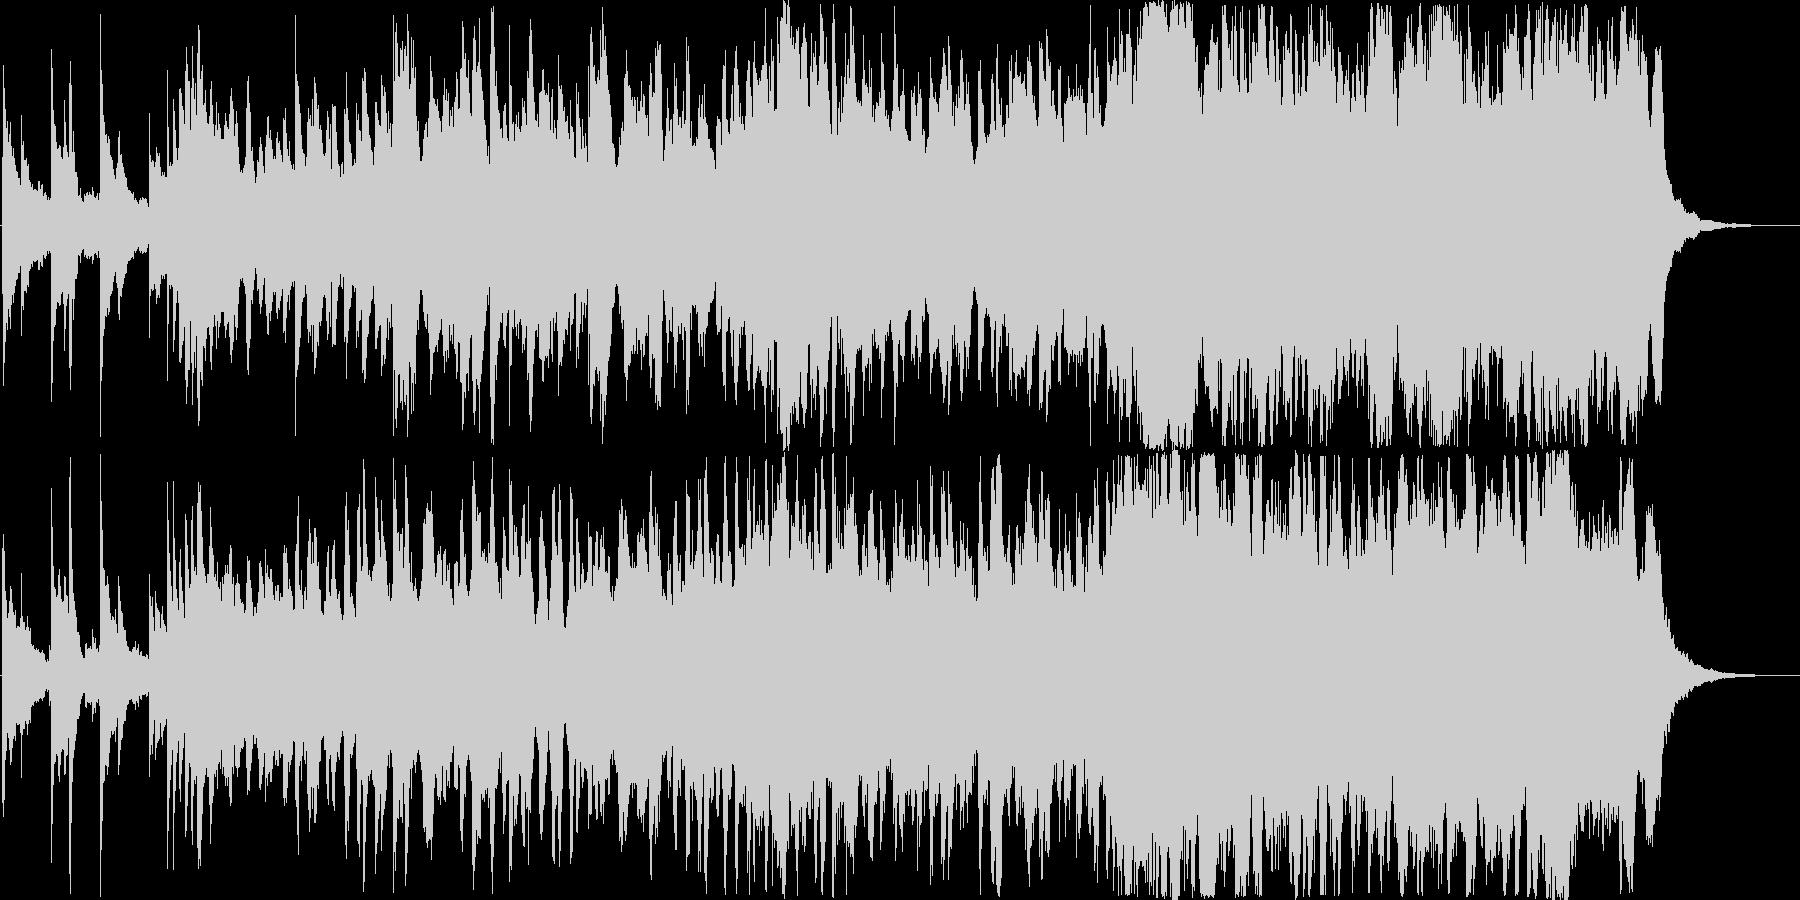 ピアノとストリングスの前向きなジングルの未再生の波形